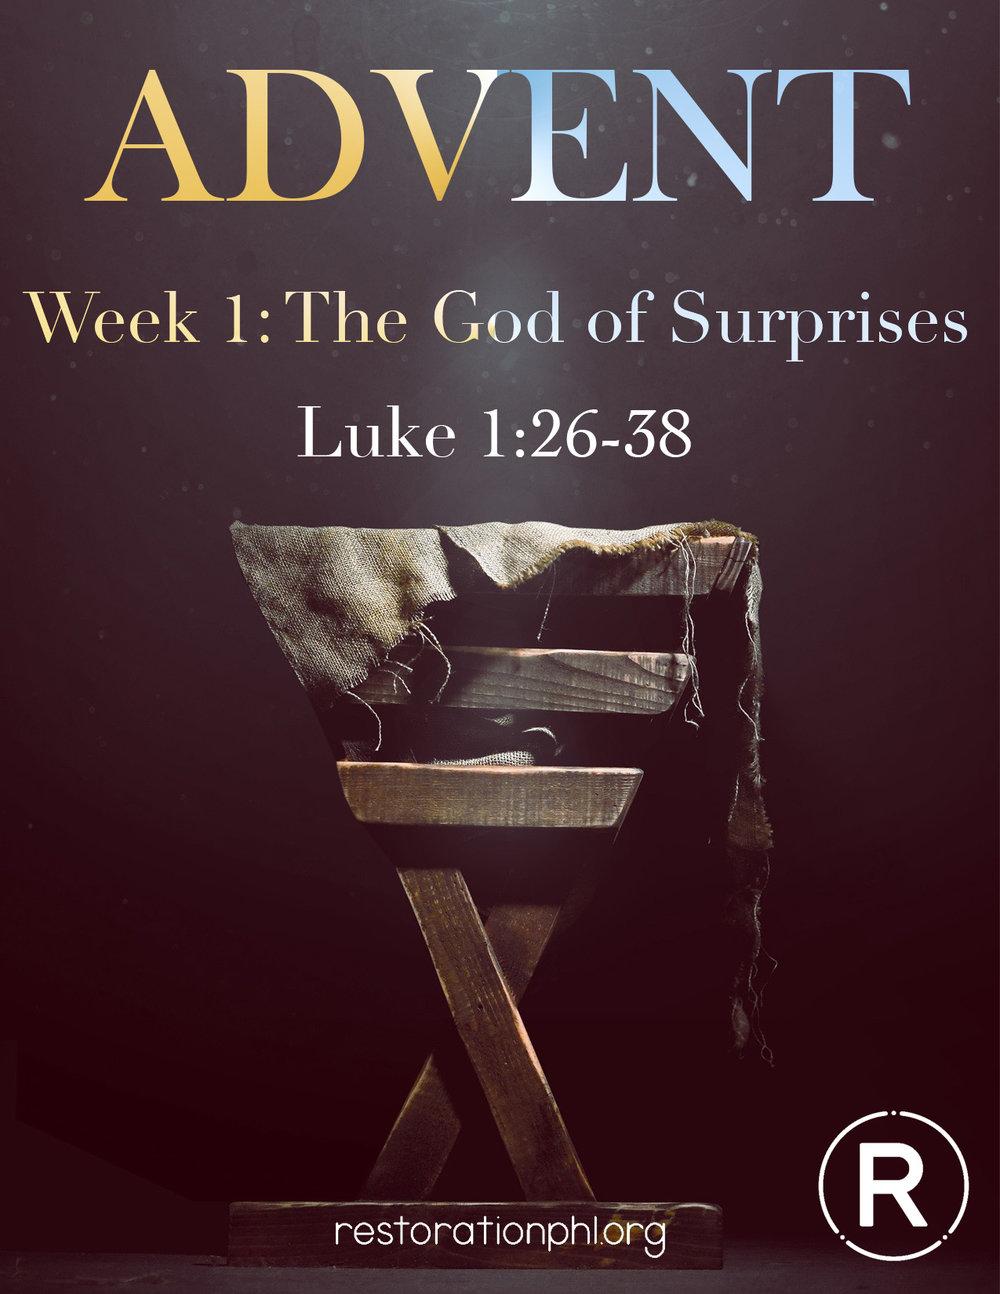 Advent Week 1.jpg